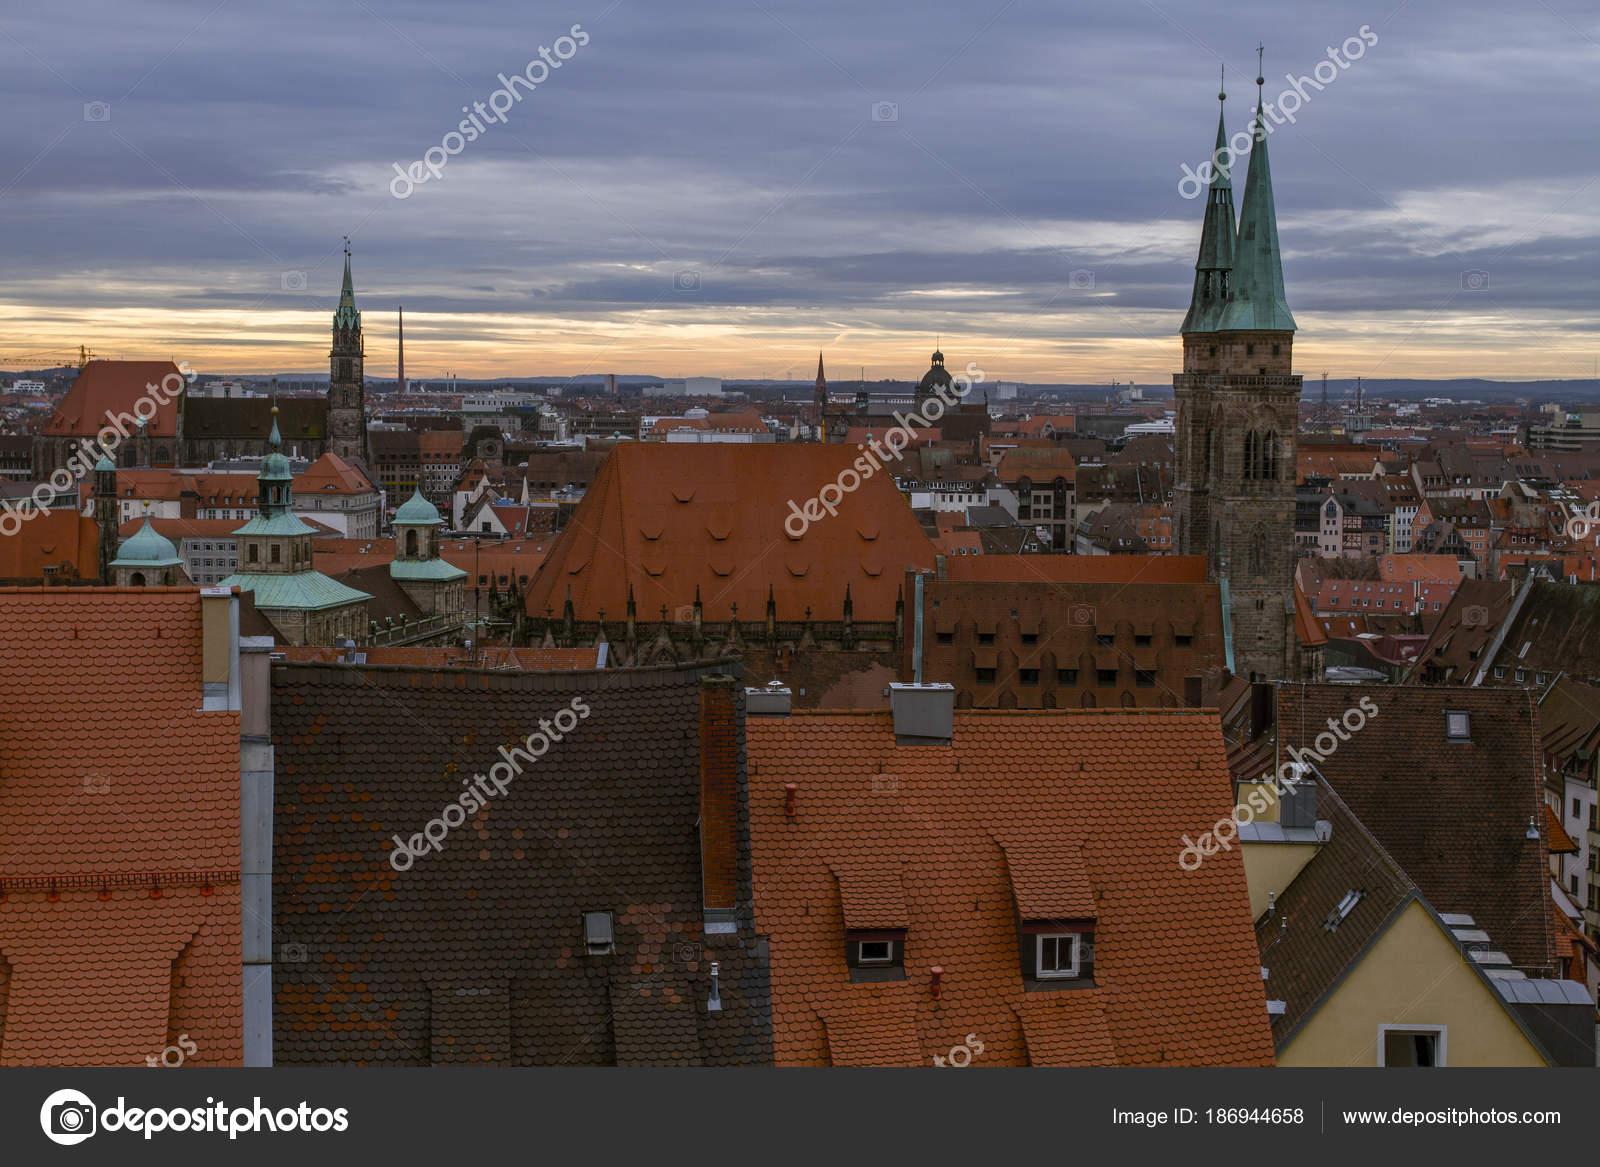 Daken gebouwd met rode tegels oude stad neurenberg een bewolkte